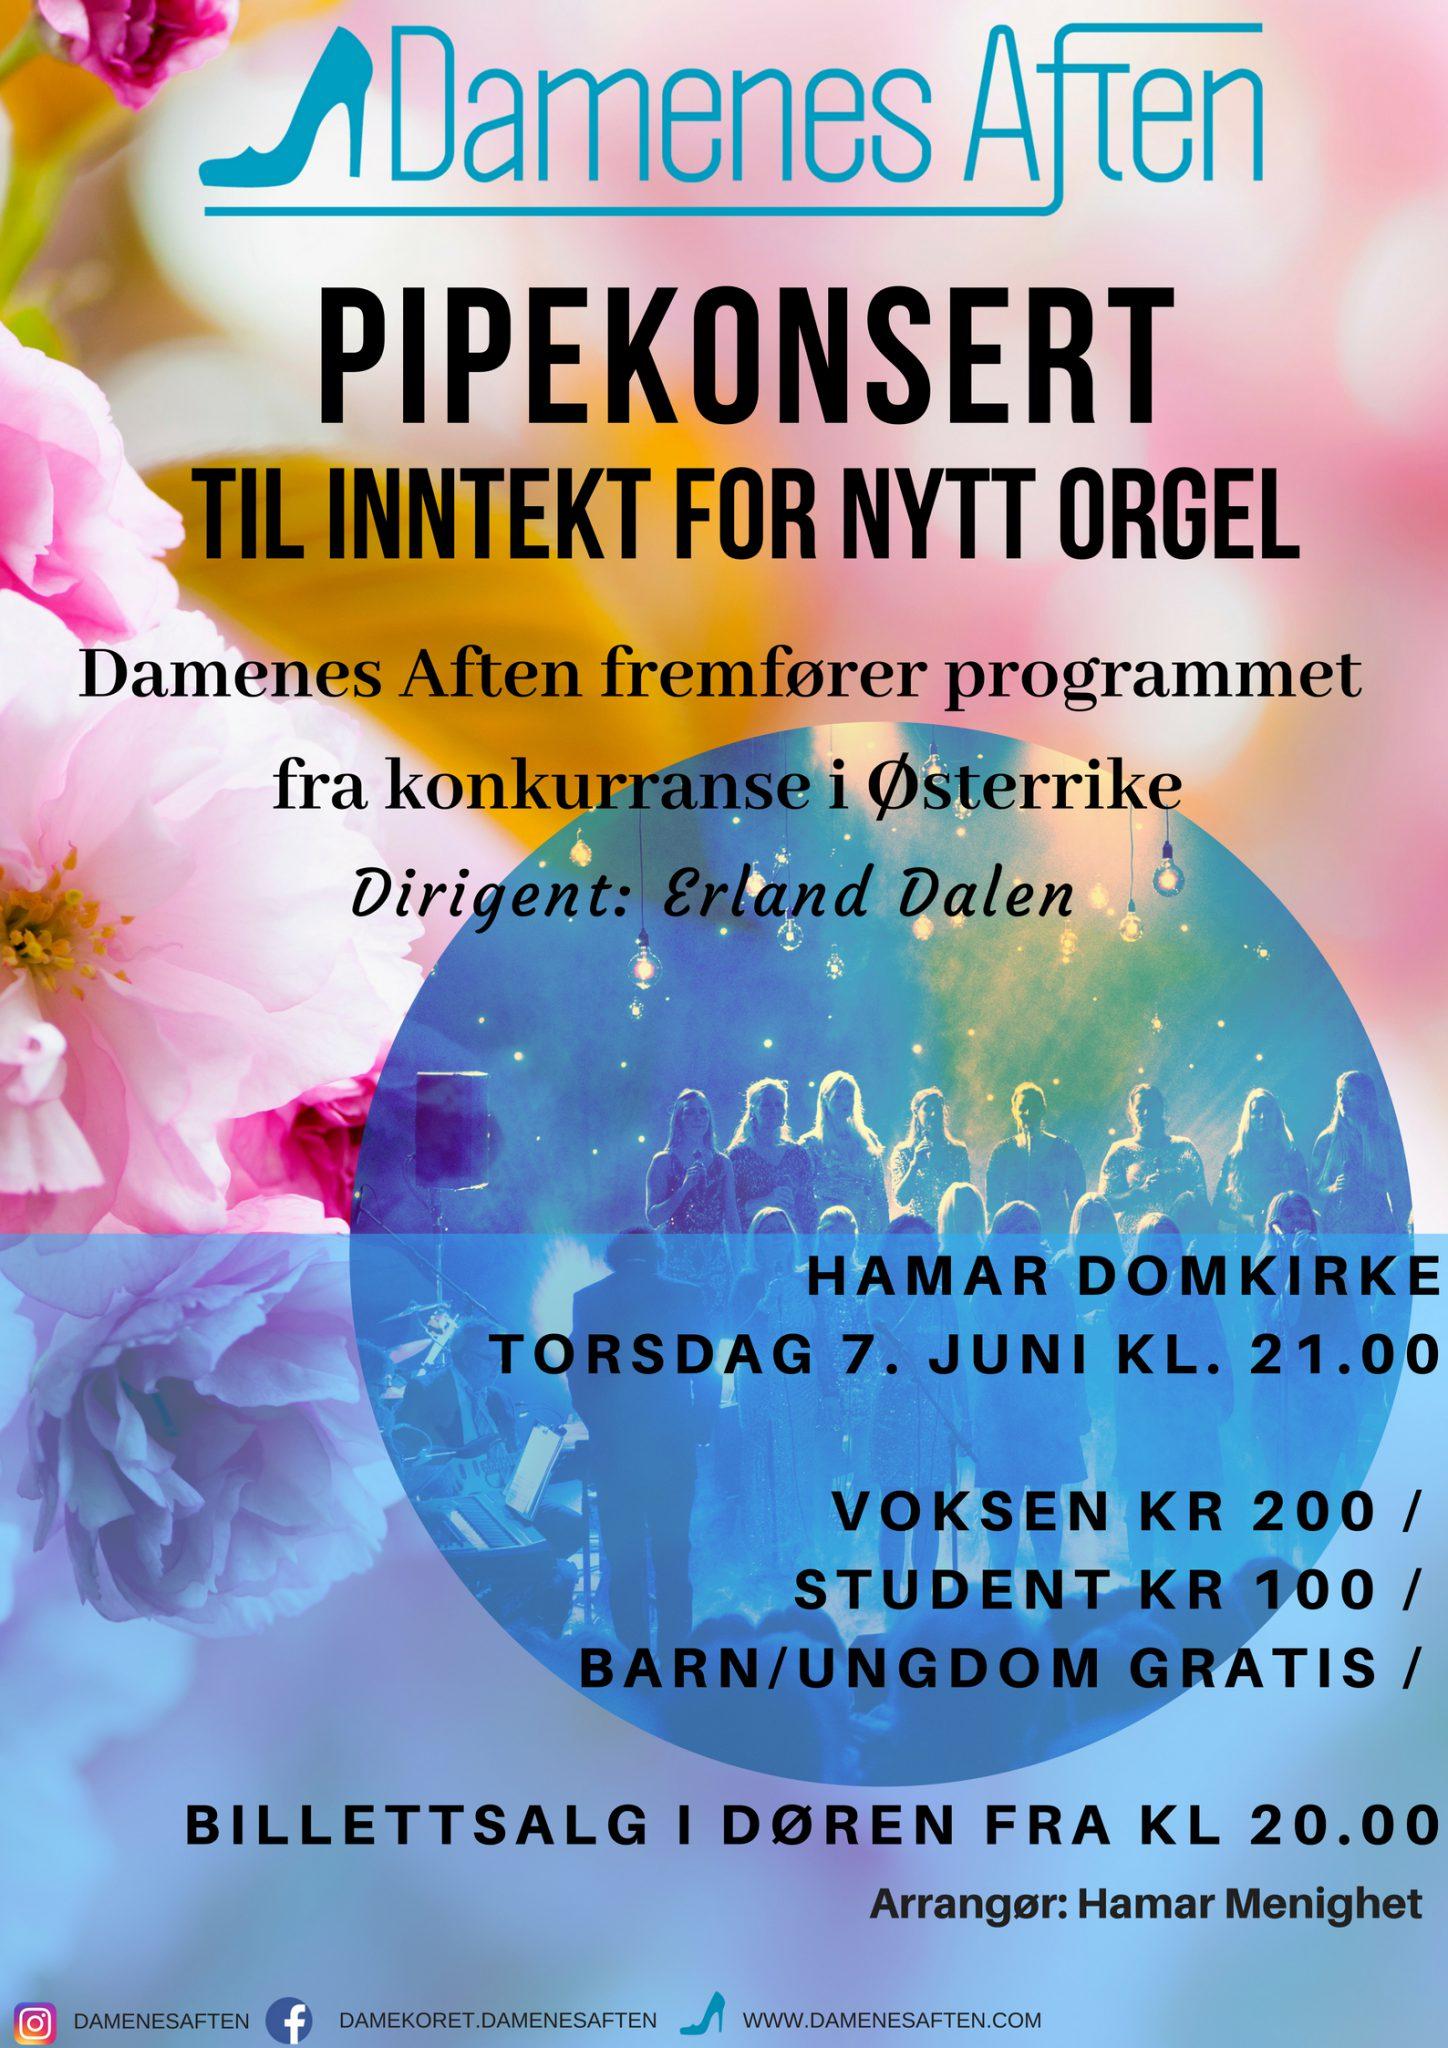 Pipekonsert - til inntekt for nytt orgel! 12